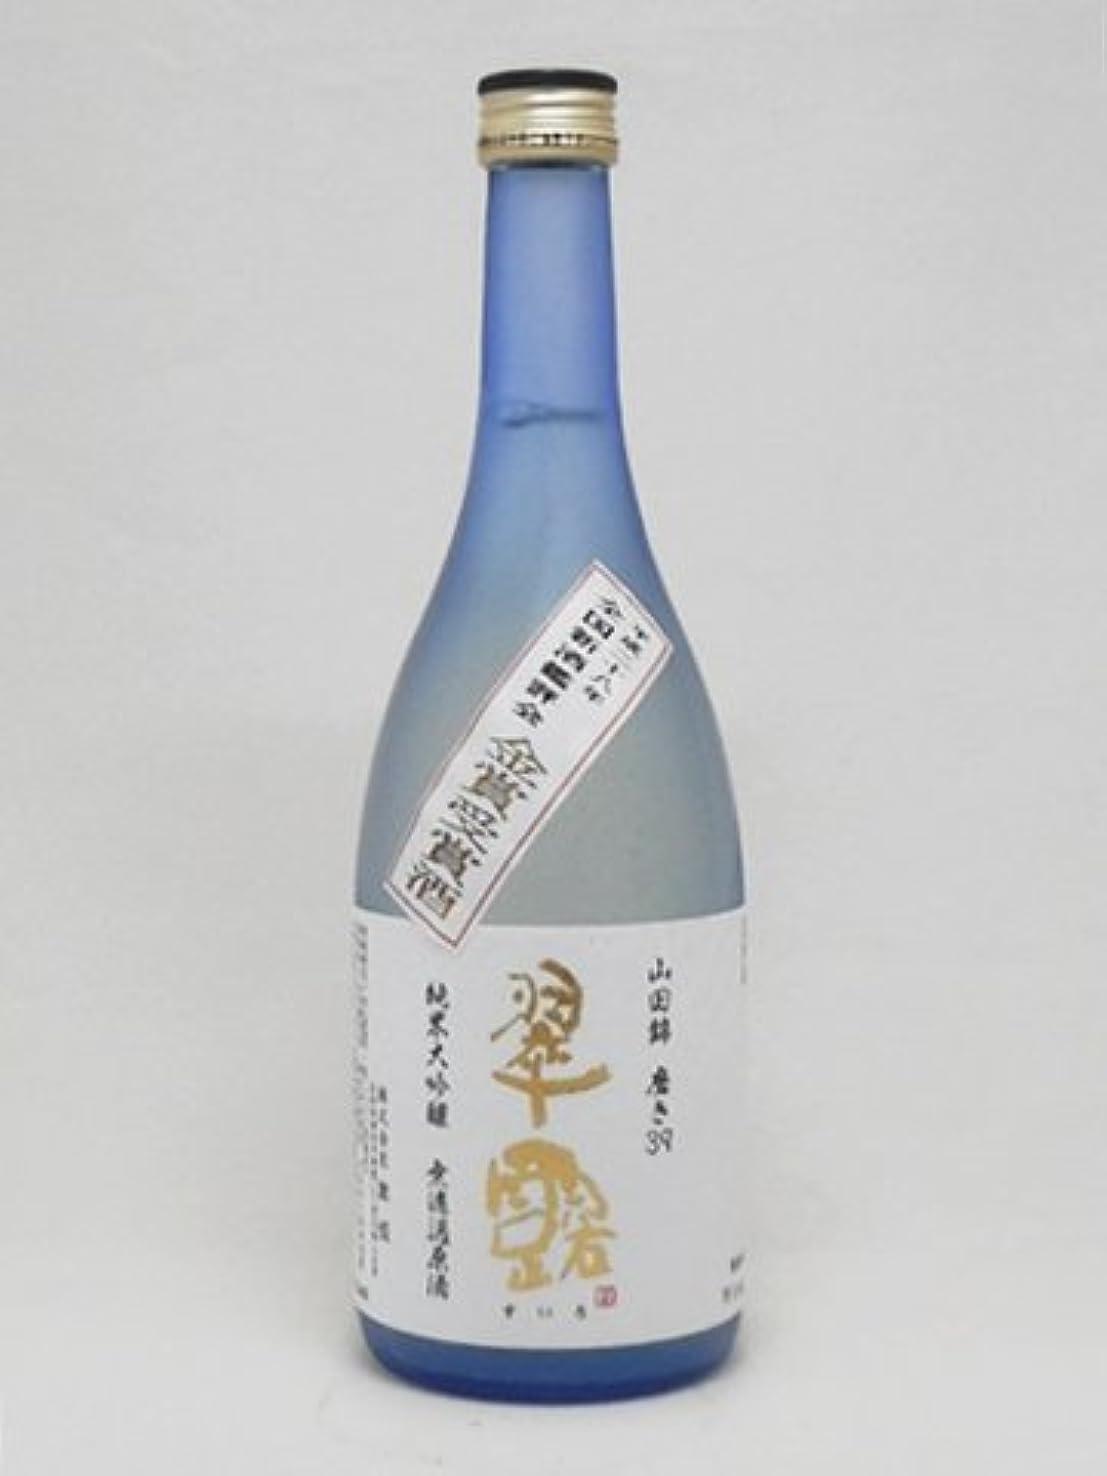 ハッピー飢饉損なう日本酒 翠露 純米大吟醸 無濾過原酒 山田錦 磨き39 720ml 舞姫酒造